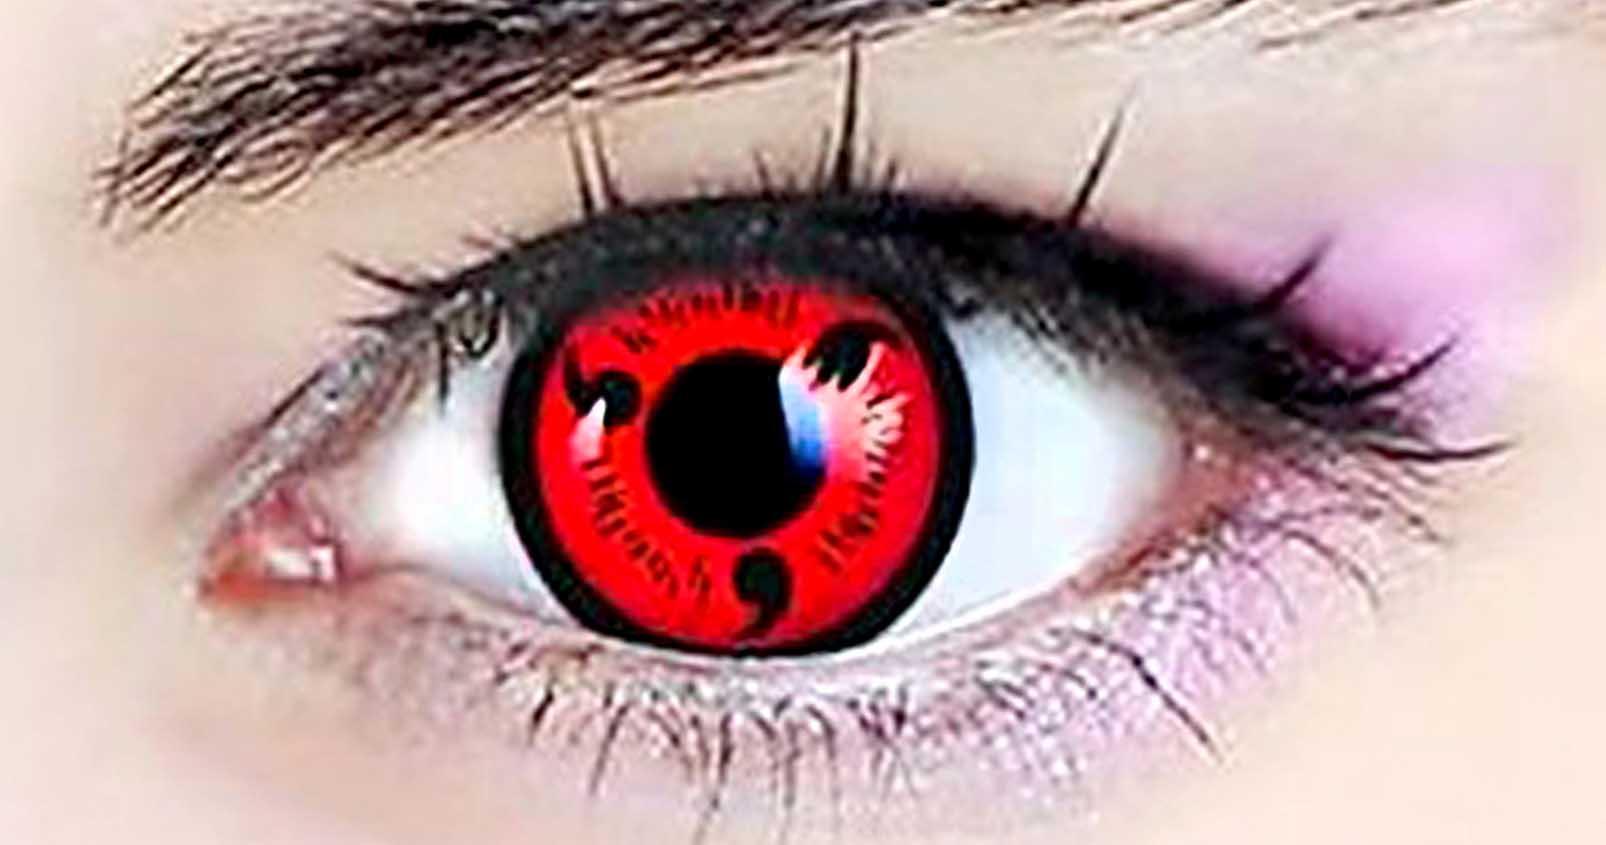 Naruto Sharingan Contact Lenses